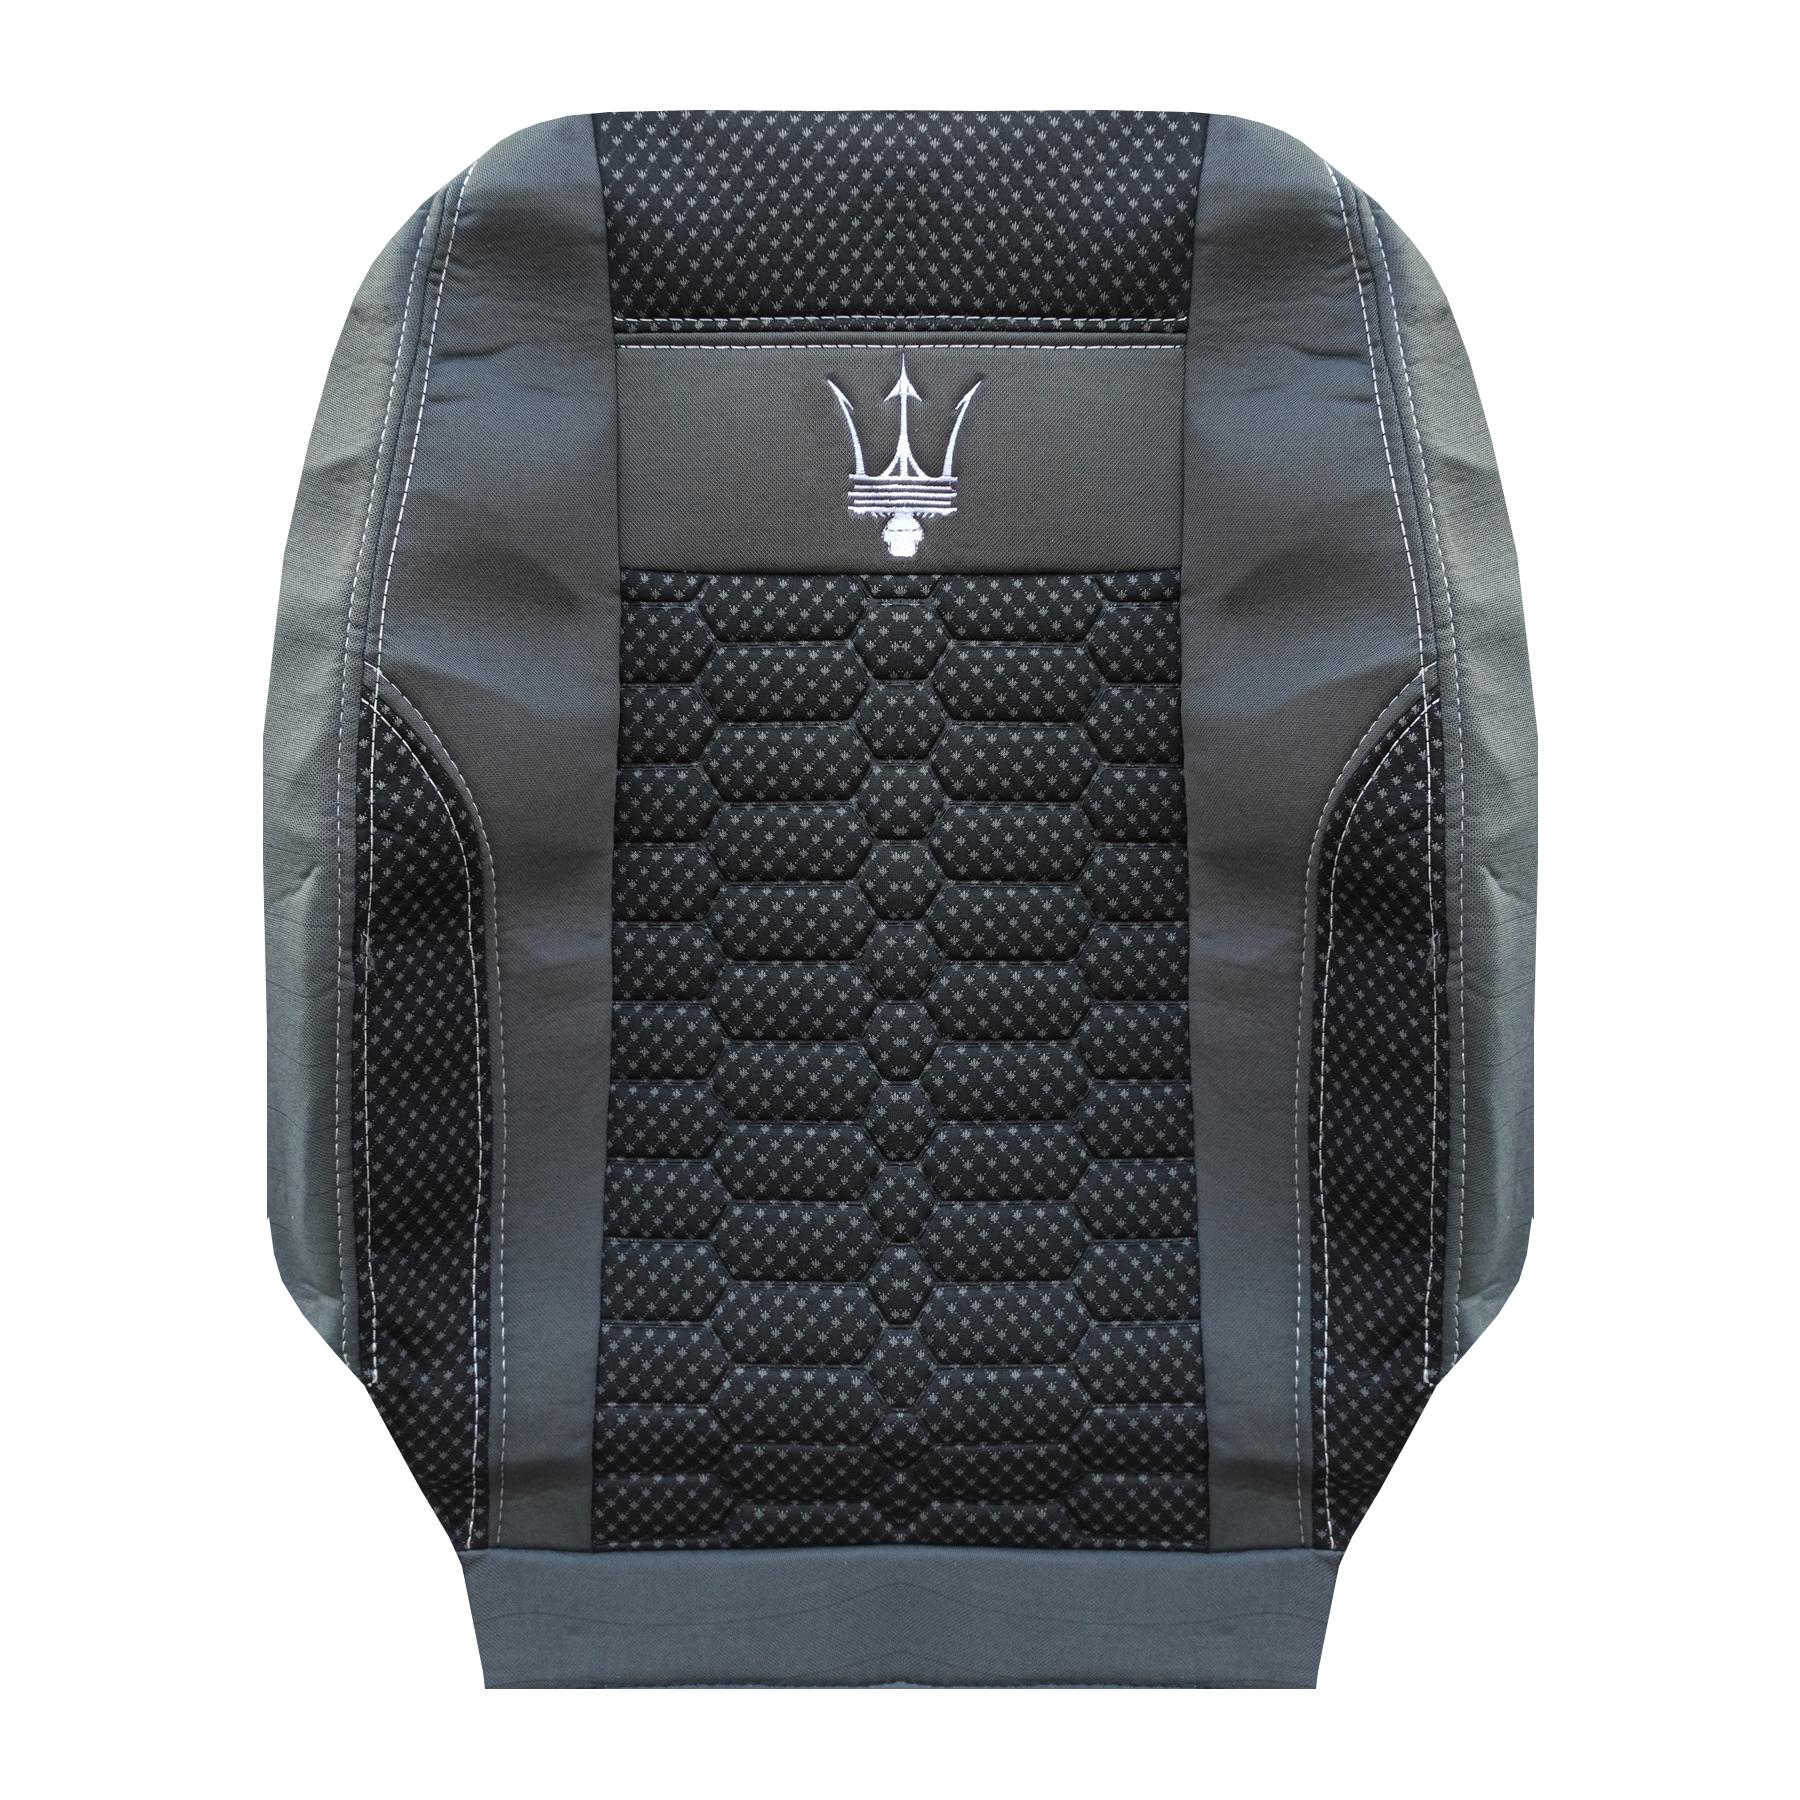 روکش صندلی خودرو مدل SAR003 مناسب برای پراید 131 main 1 2